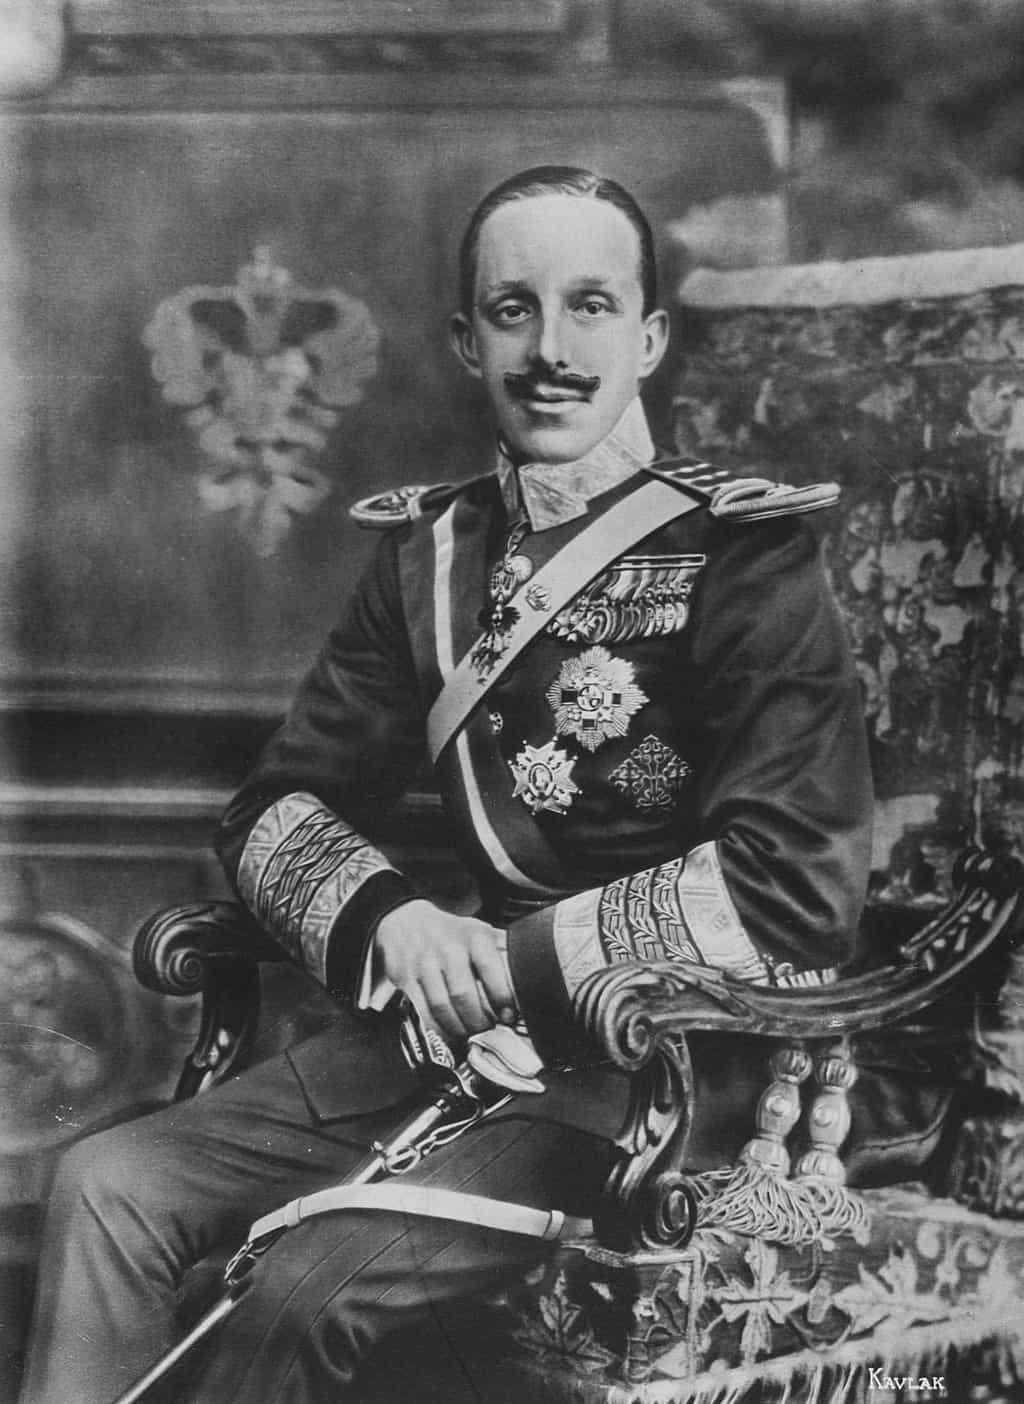 صورة للملك ألفونسو الثالث عشر ملك إسبانيا، يريشة كولاك (حوالي 1916). ويكيميديا كومونز